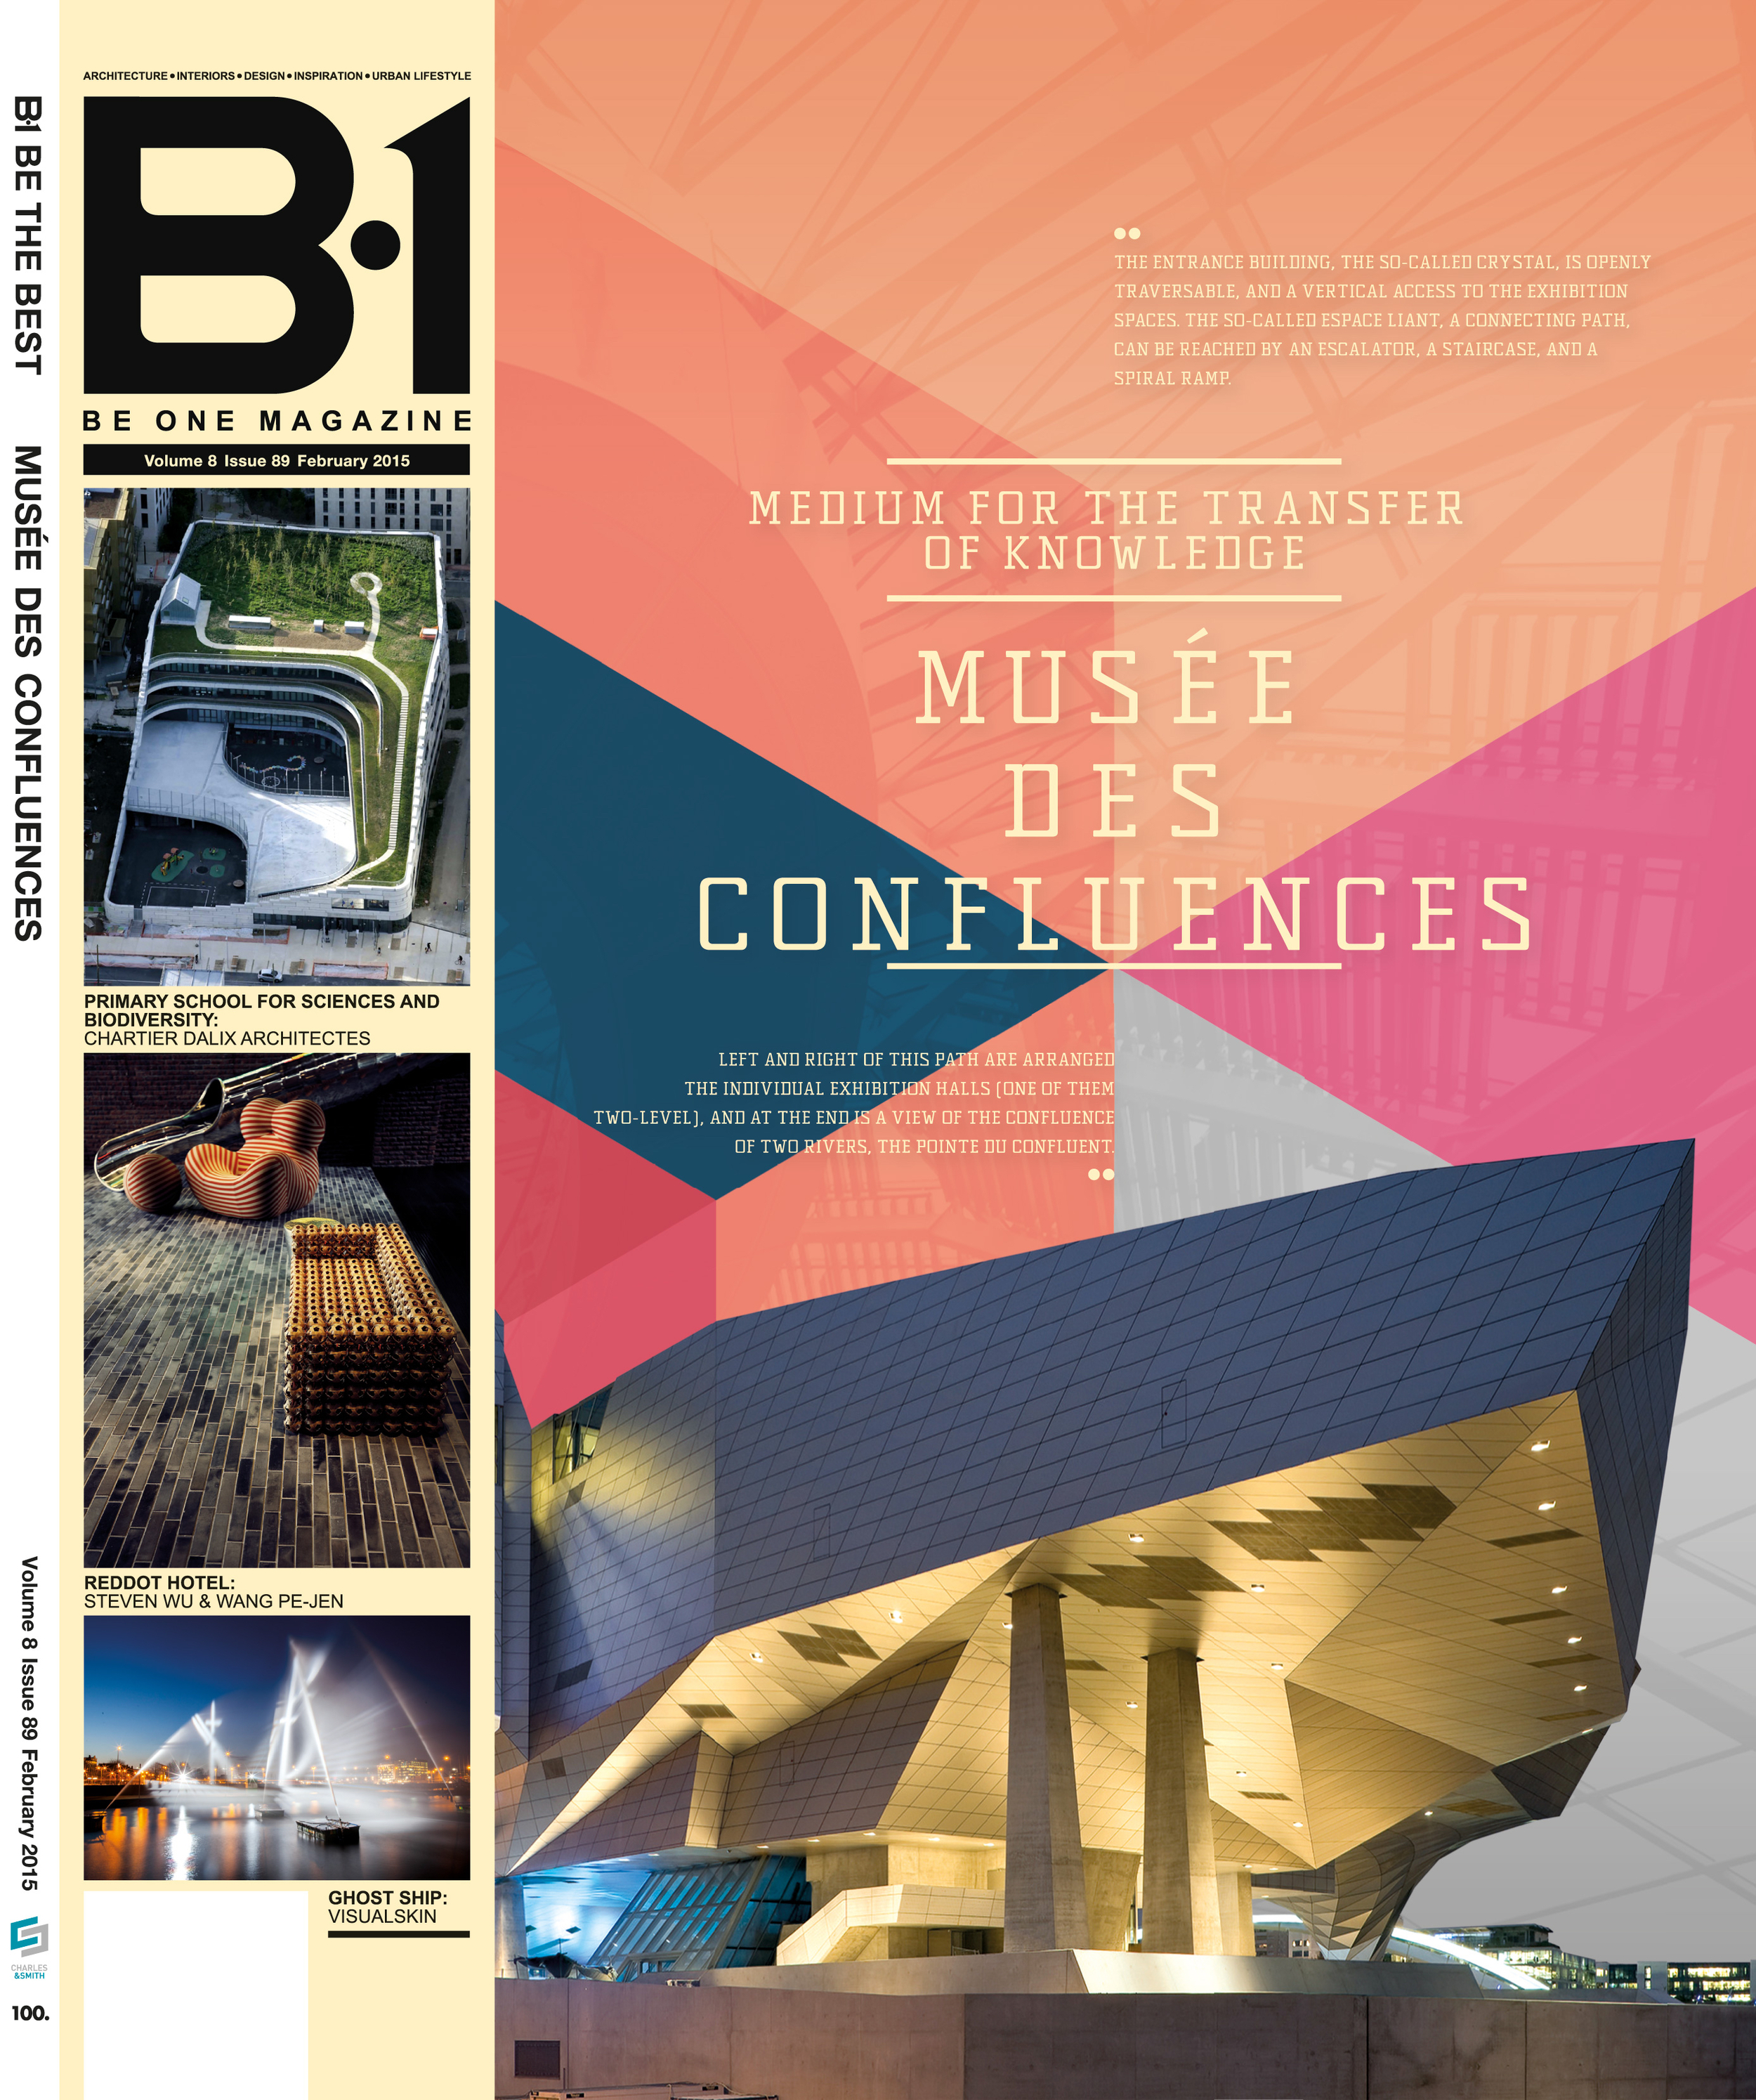 aw-coverB1v89[1].jpg